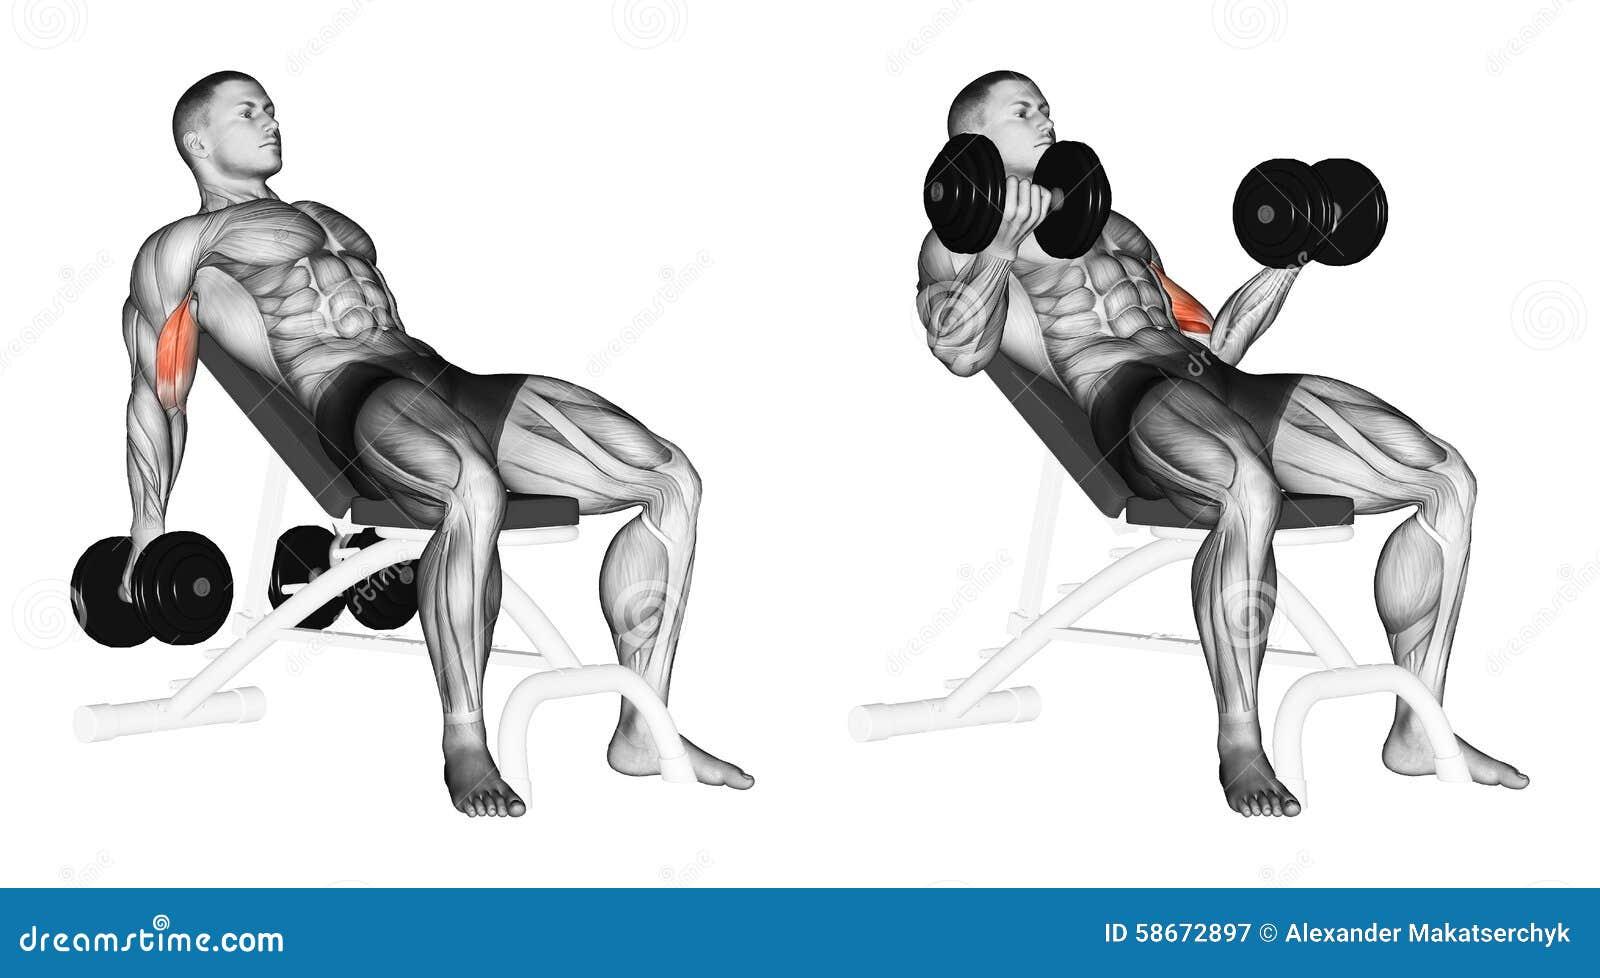 Bíceps Ilustraciones Stock, Vectores, Y Clipart – (6,370 ...